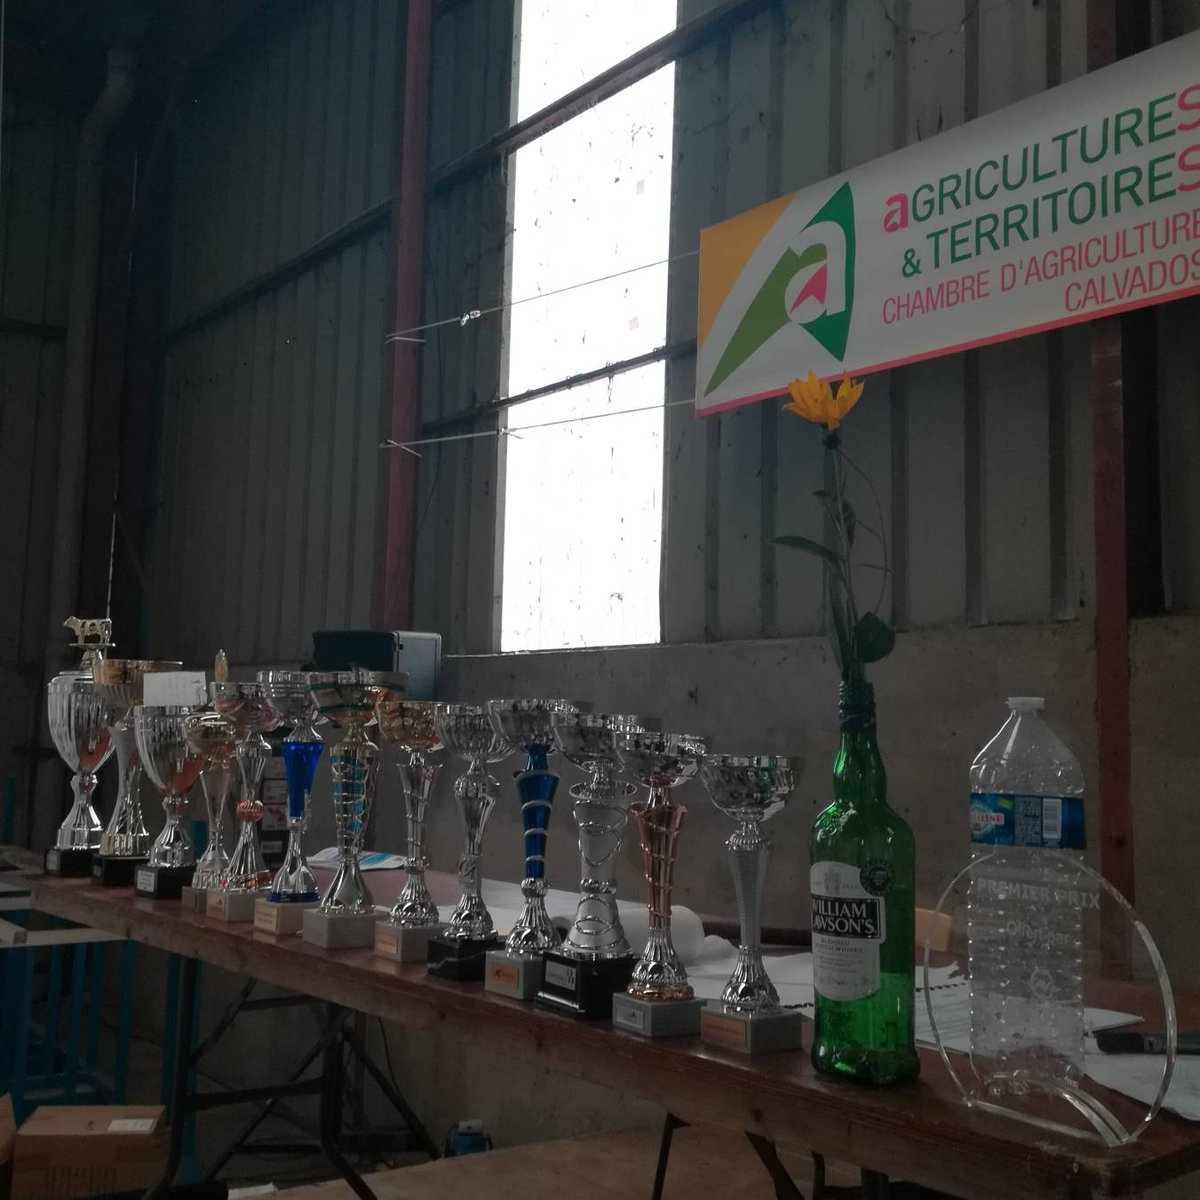 En ce moment même dans le Hall 7, remise de prix du concours race Charolaise et présentation de races allaitantes. #FoiredeCaen #Parcdesexpositions #concourscharolais #chambredagriculture #littoralnormand https://t.co/hi1KMwXX9o